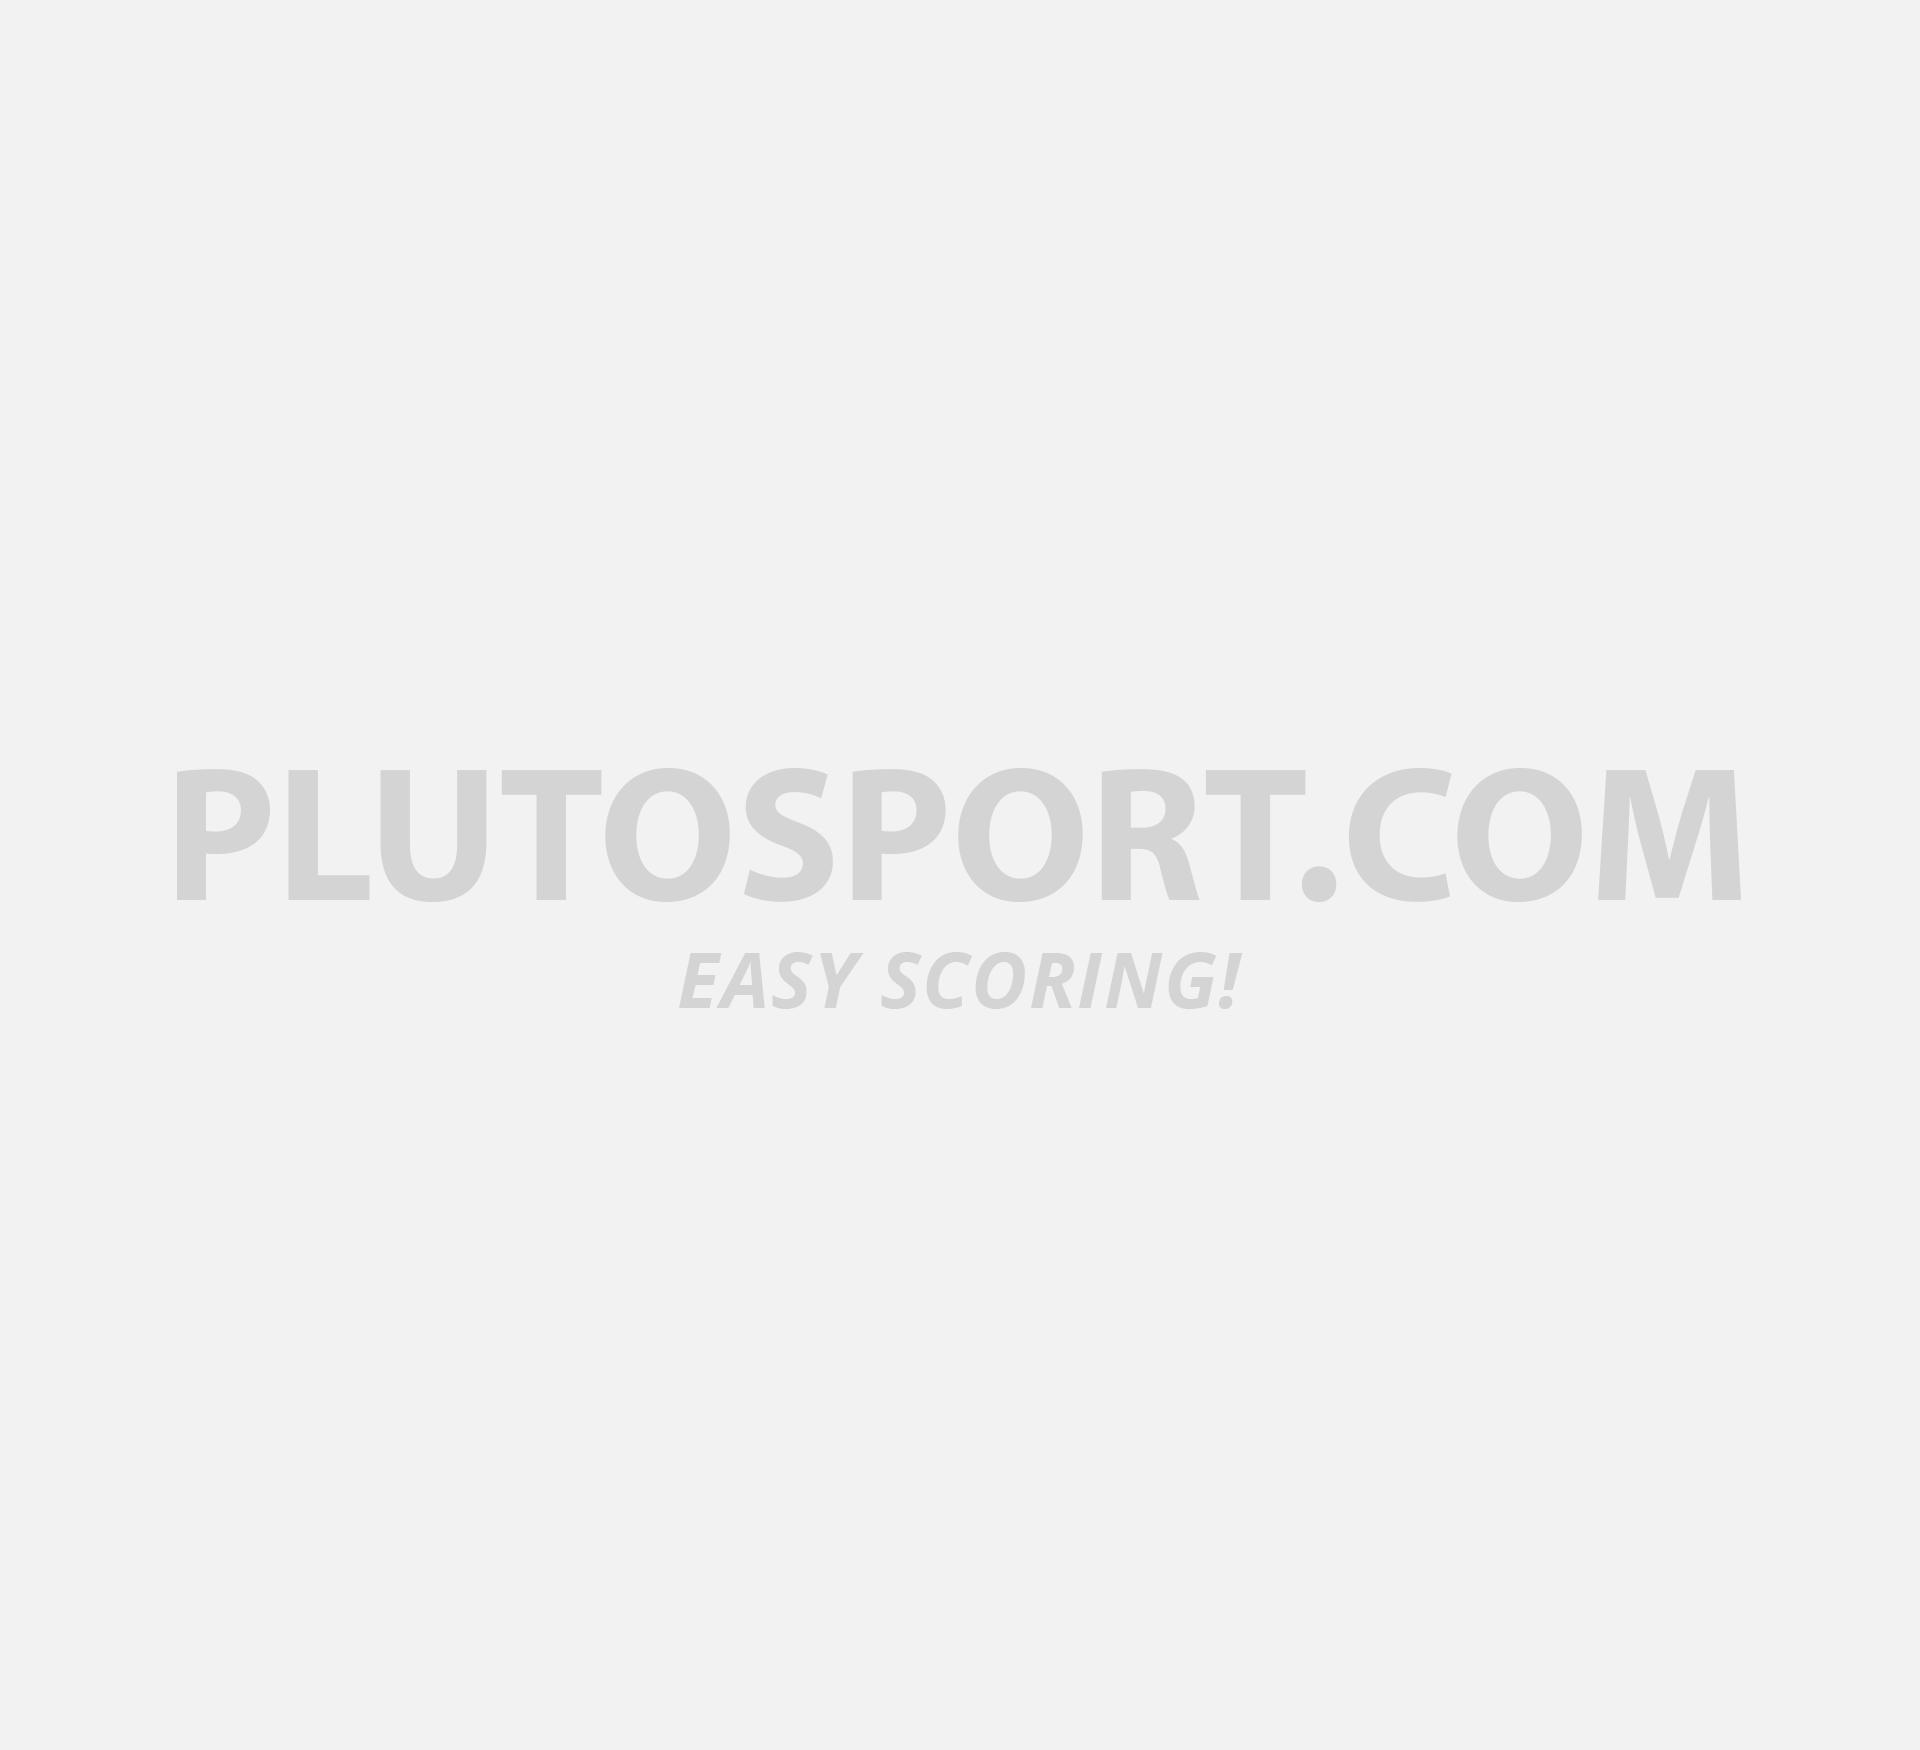 1001084a8d4 Puma Vikky Ribbon Platform Ribbon SL Metallic W - Sneakers - Shoes -  Lifestyle - Sports